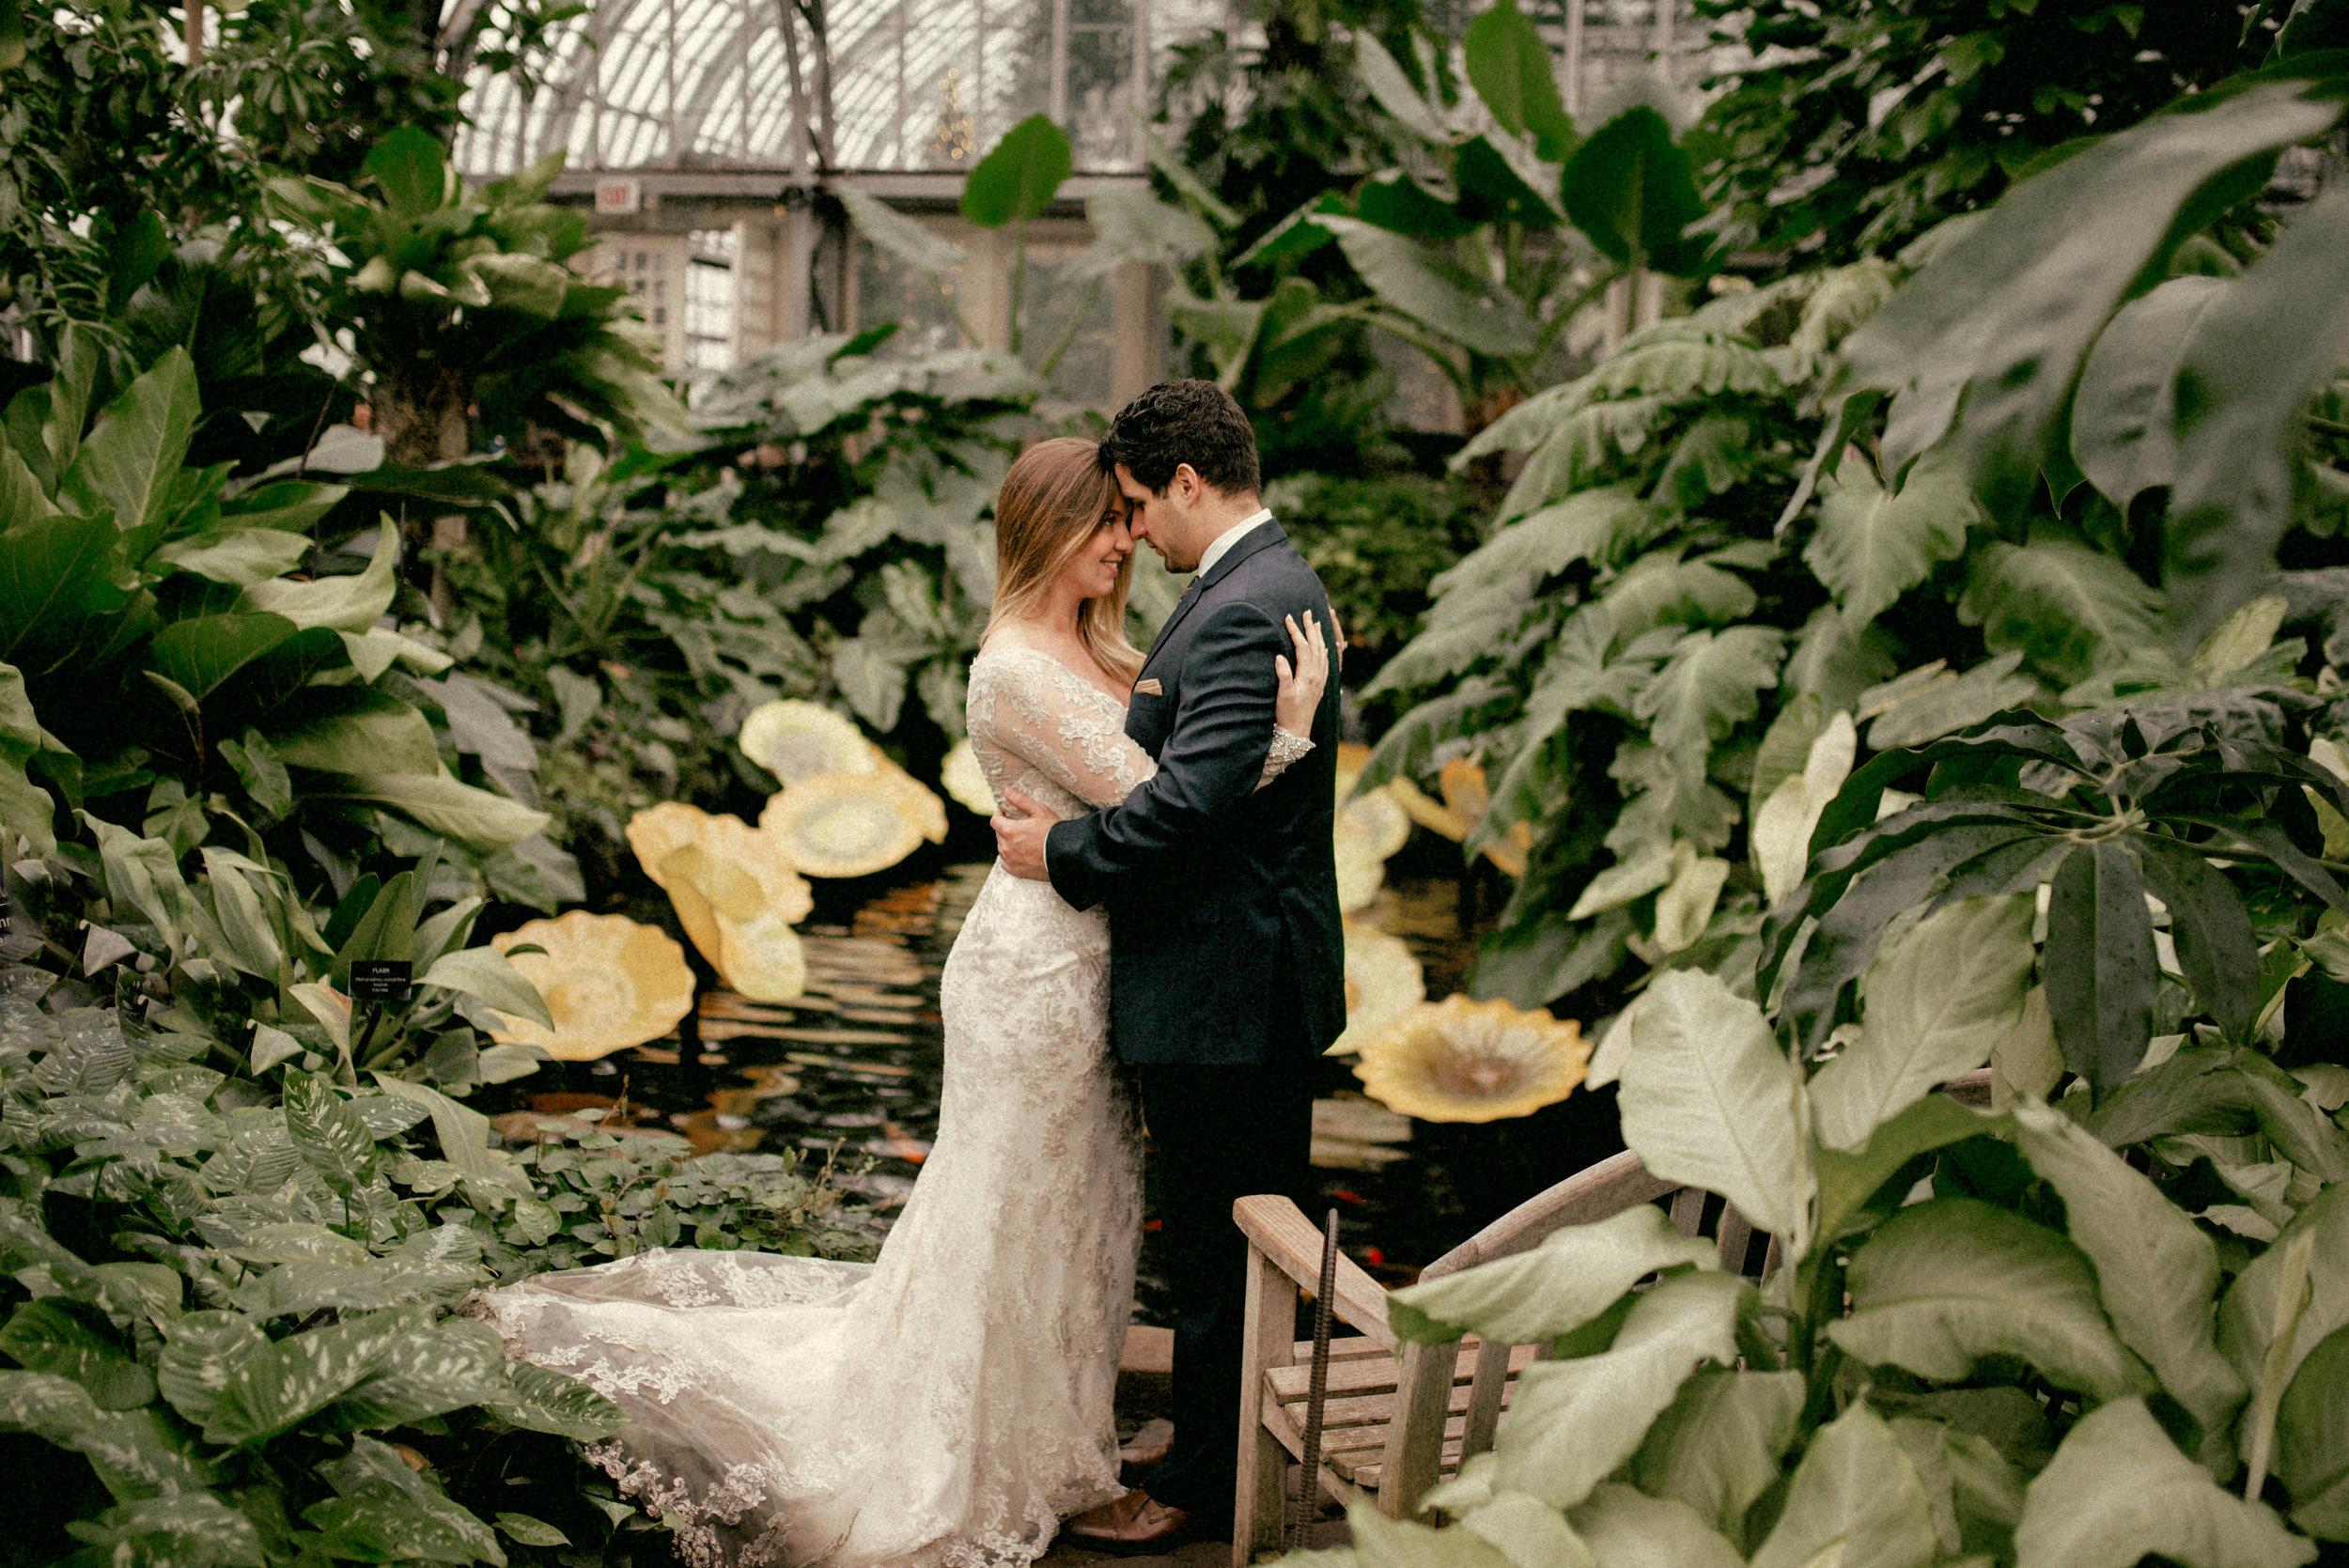 garfield park conservatory chicago wedding 39